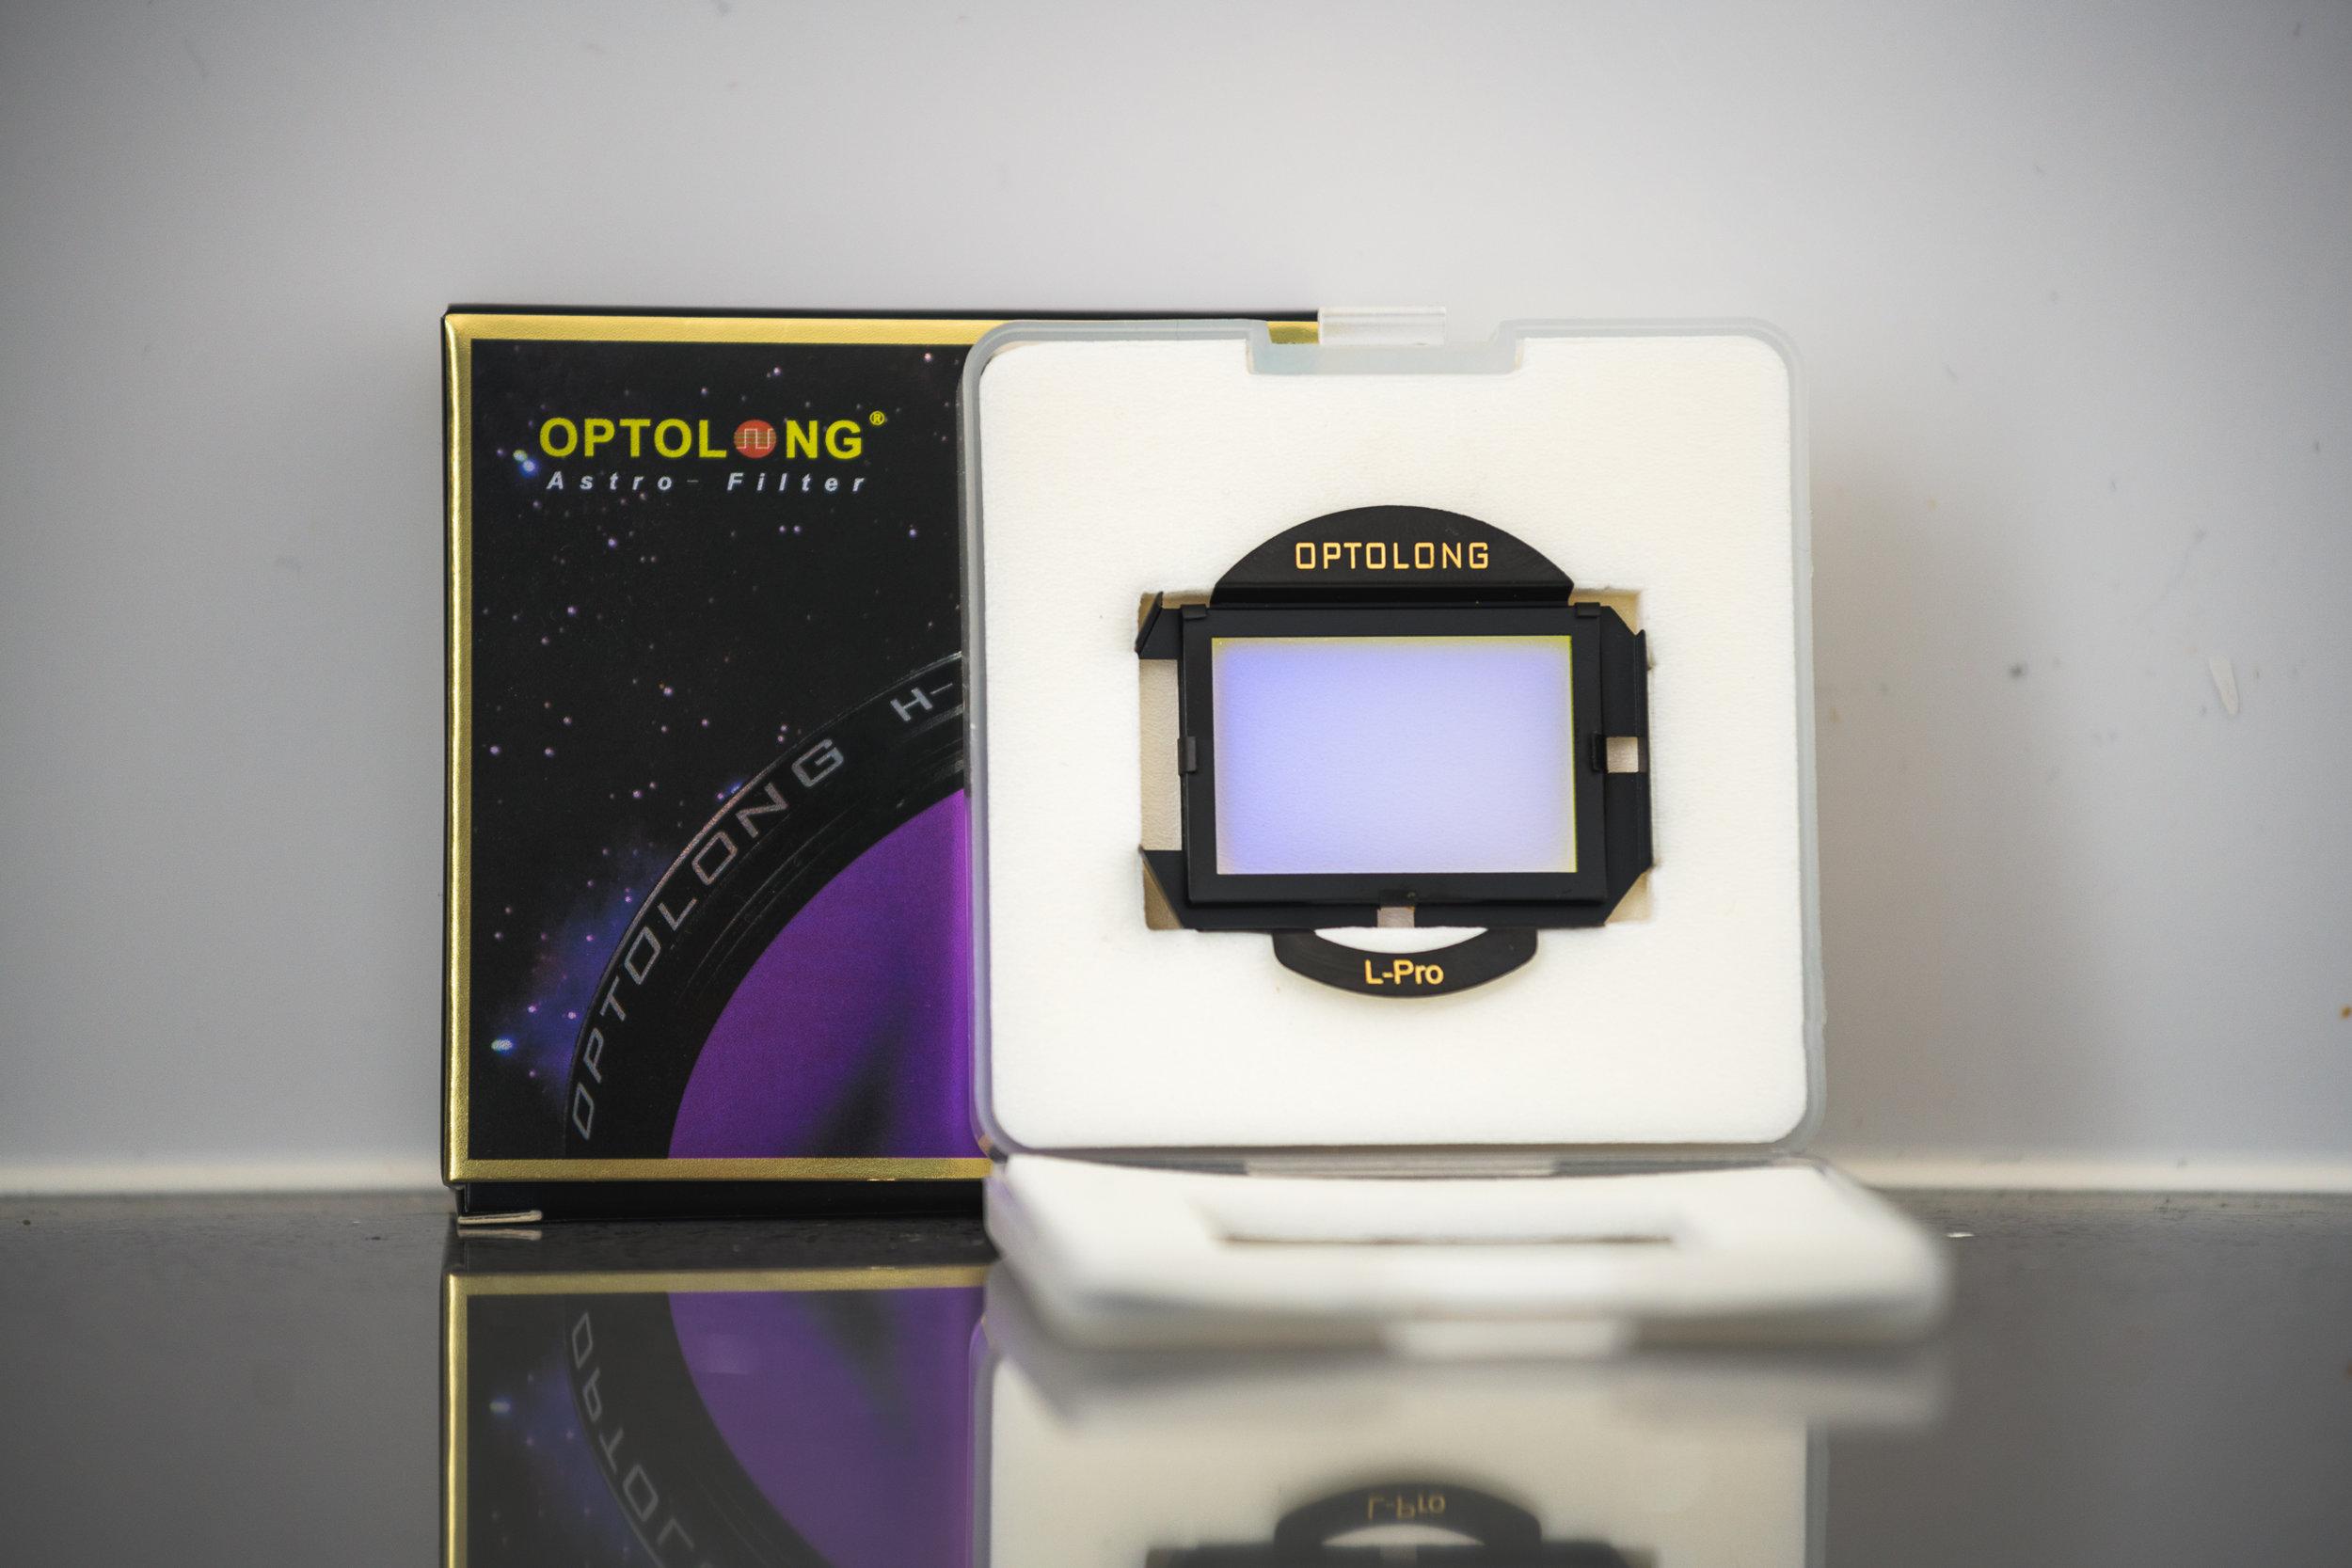 Optolong L-Pro Light Pollution Filter